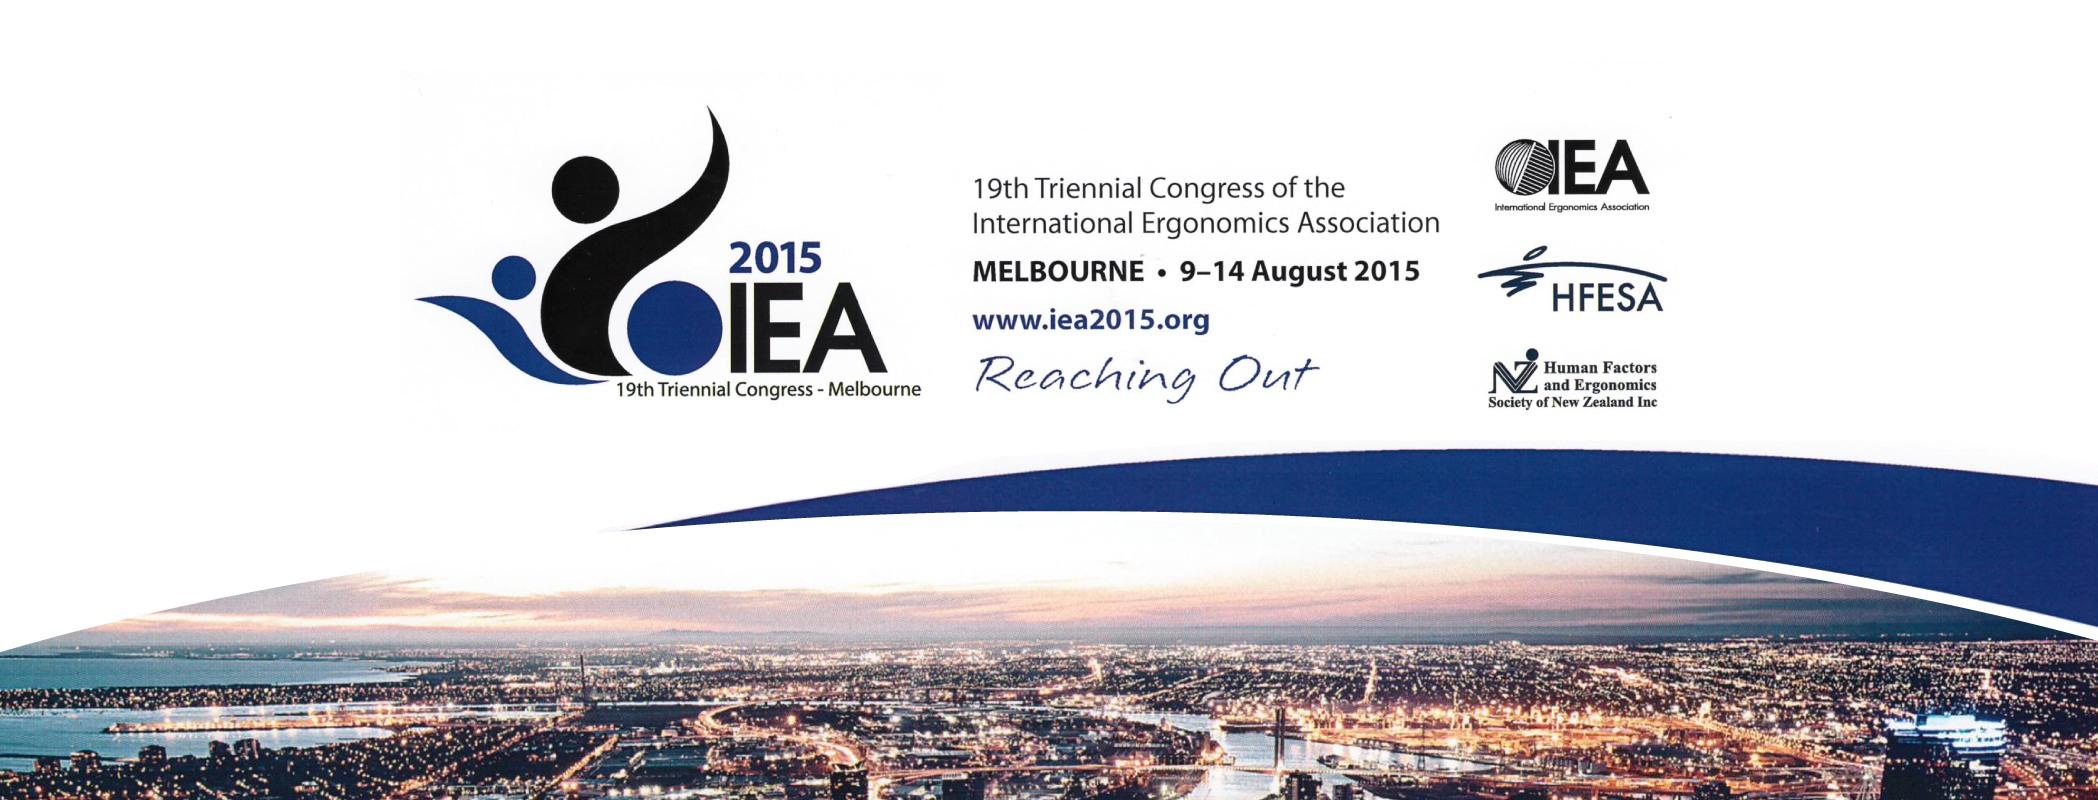 IEA 2015_Melbourne